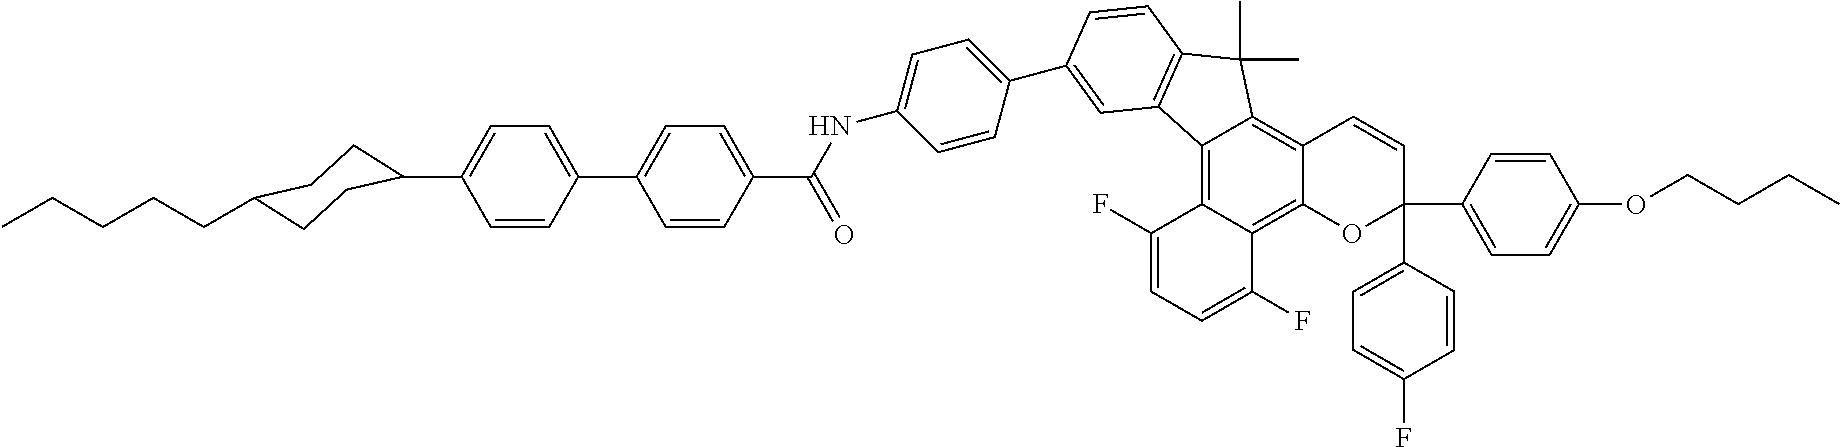 Figure US08545984-20131001-C00047